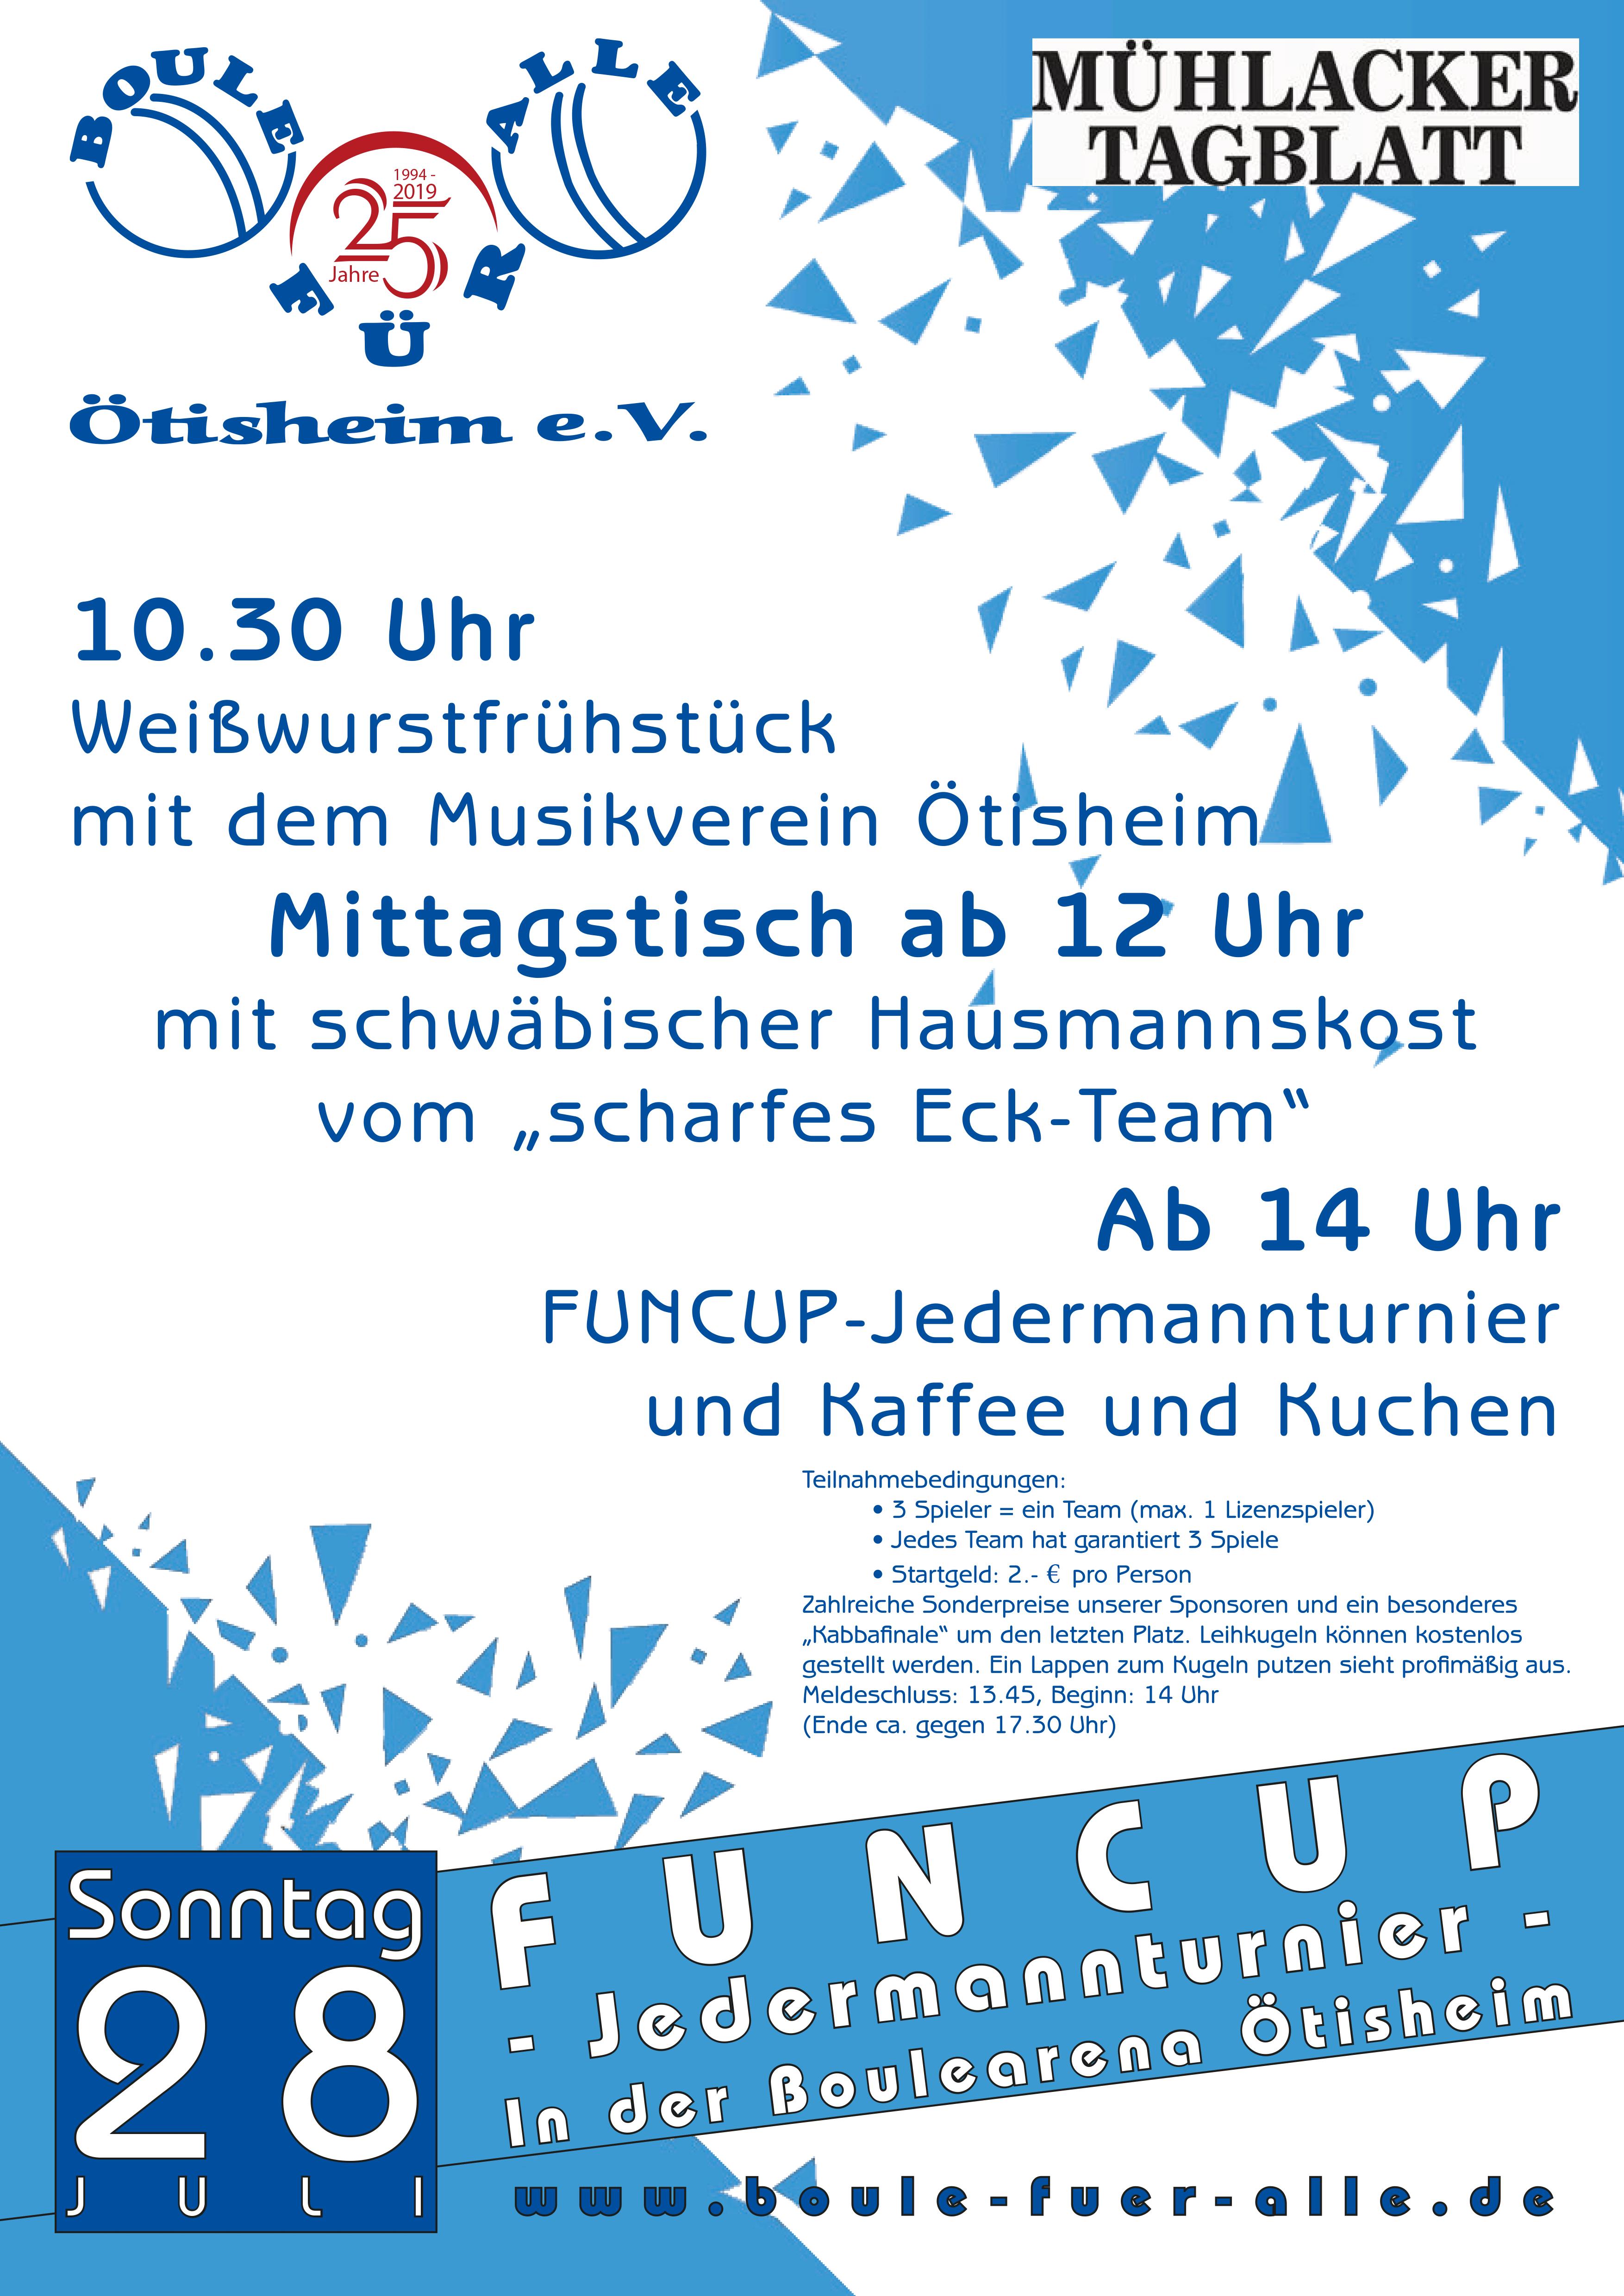 FUNCUP-Jedermannturnier